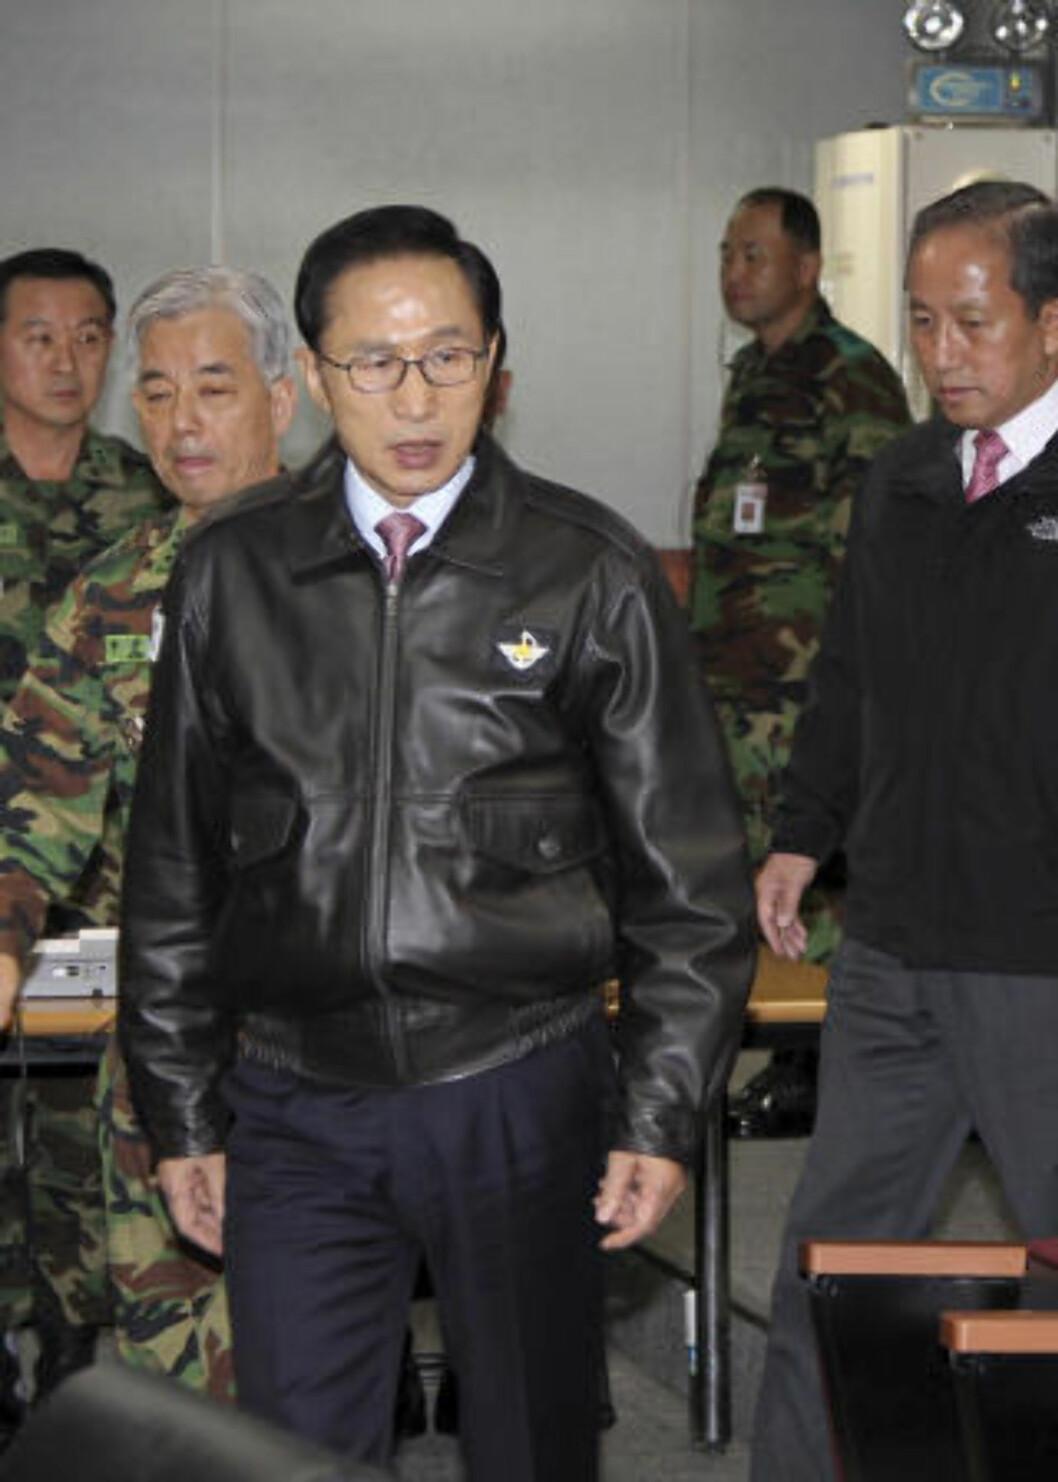 <strong>ØKER SIKKERHETEN:</strong> Siden tirsdagens angrep har Sør-Koreas president Lee Myung-bak satt i krisemøter og telefoner med sine allierte i blant annet USA og Japan. Foto: AP Photo/Yonhap/Scanpix